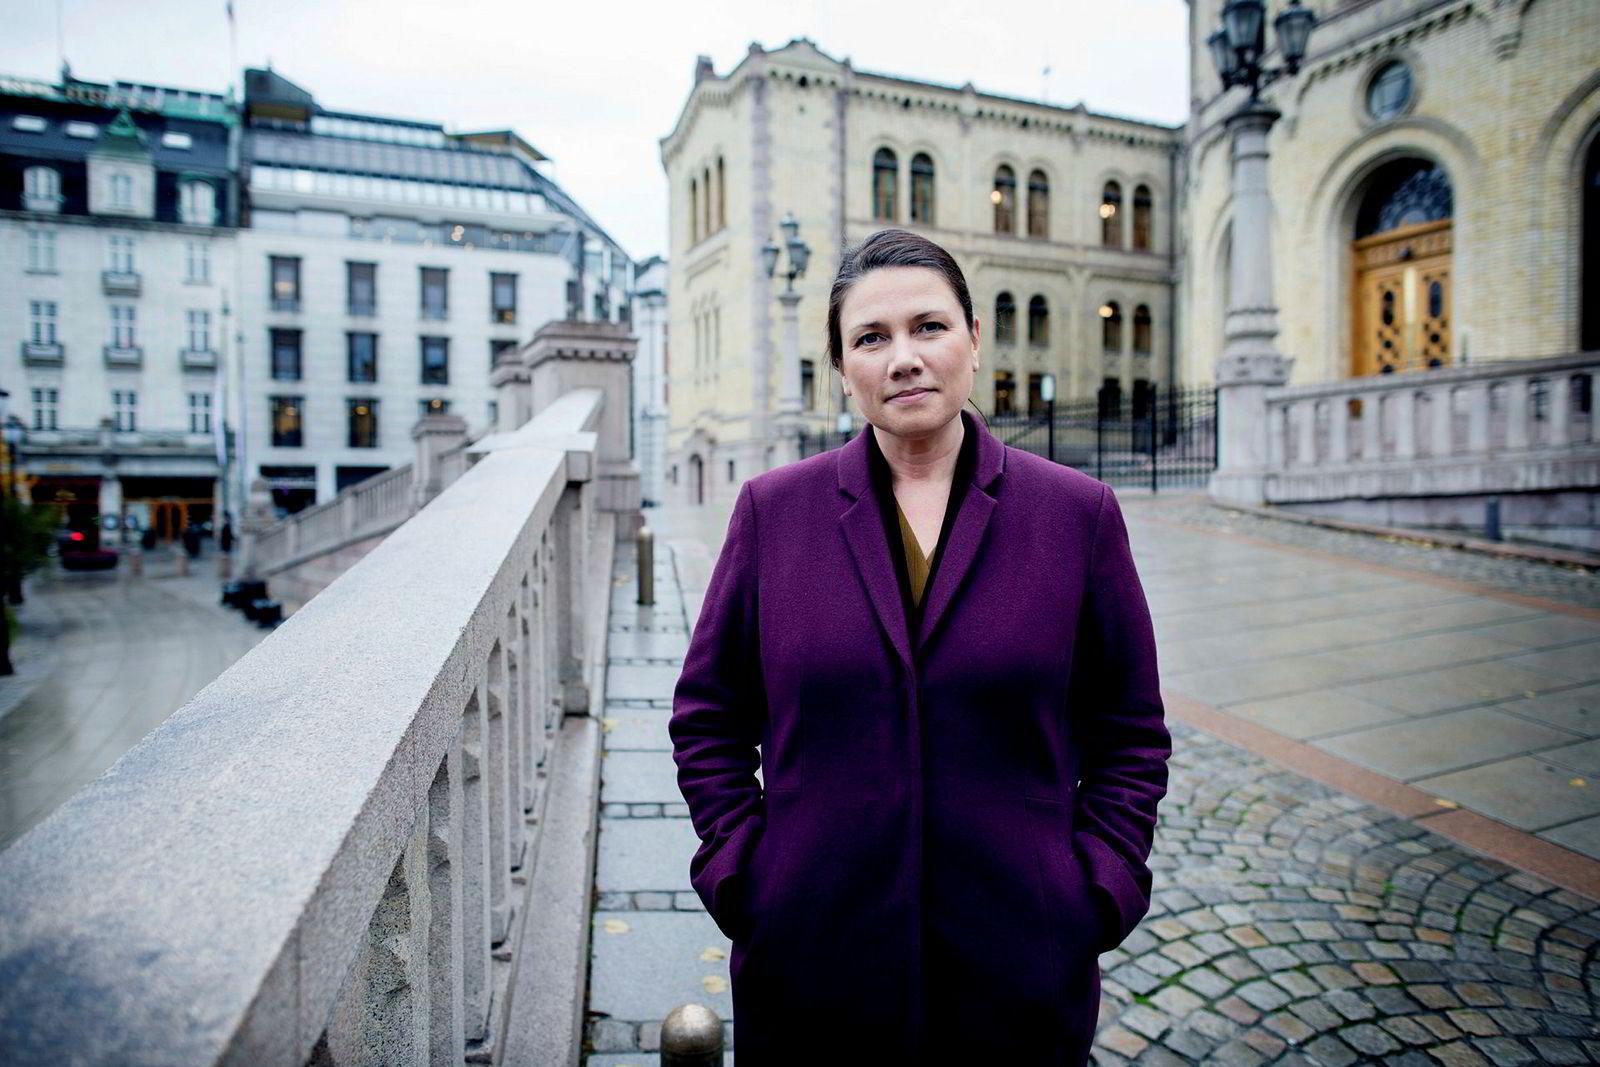 – Ap er i overkant friske i sin kritikk av regjeringen når de skryter på seg å ha skapt flere jobber i privat næringsliv enn regjeringen Solberg, sier Heidi Nordby Lunde (H).